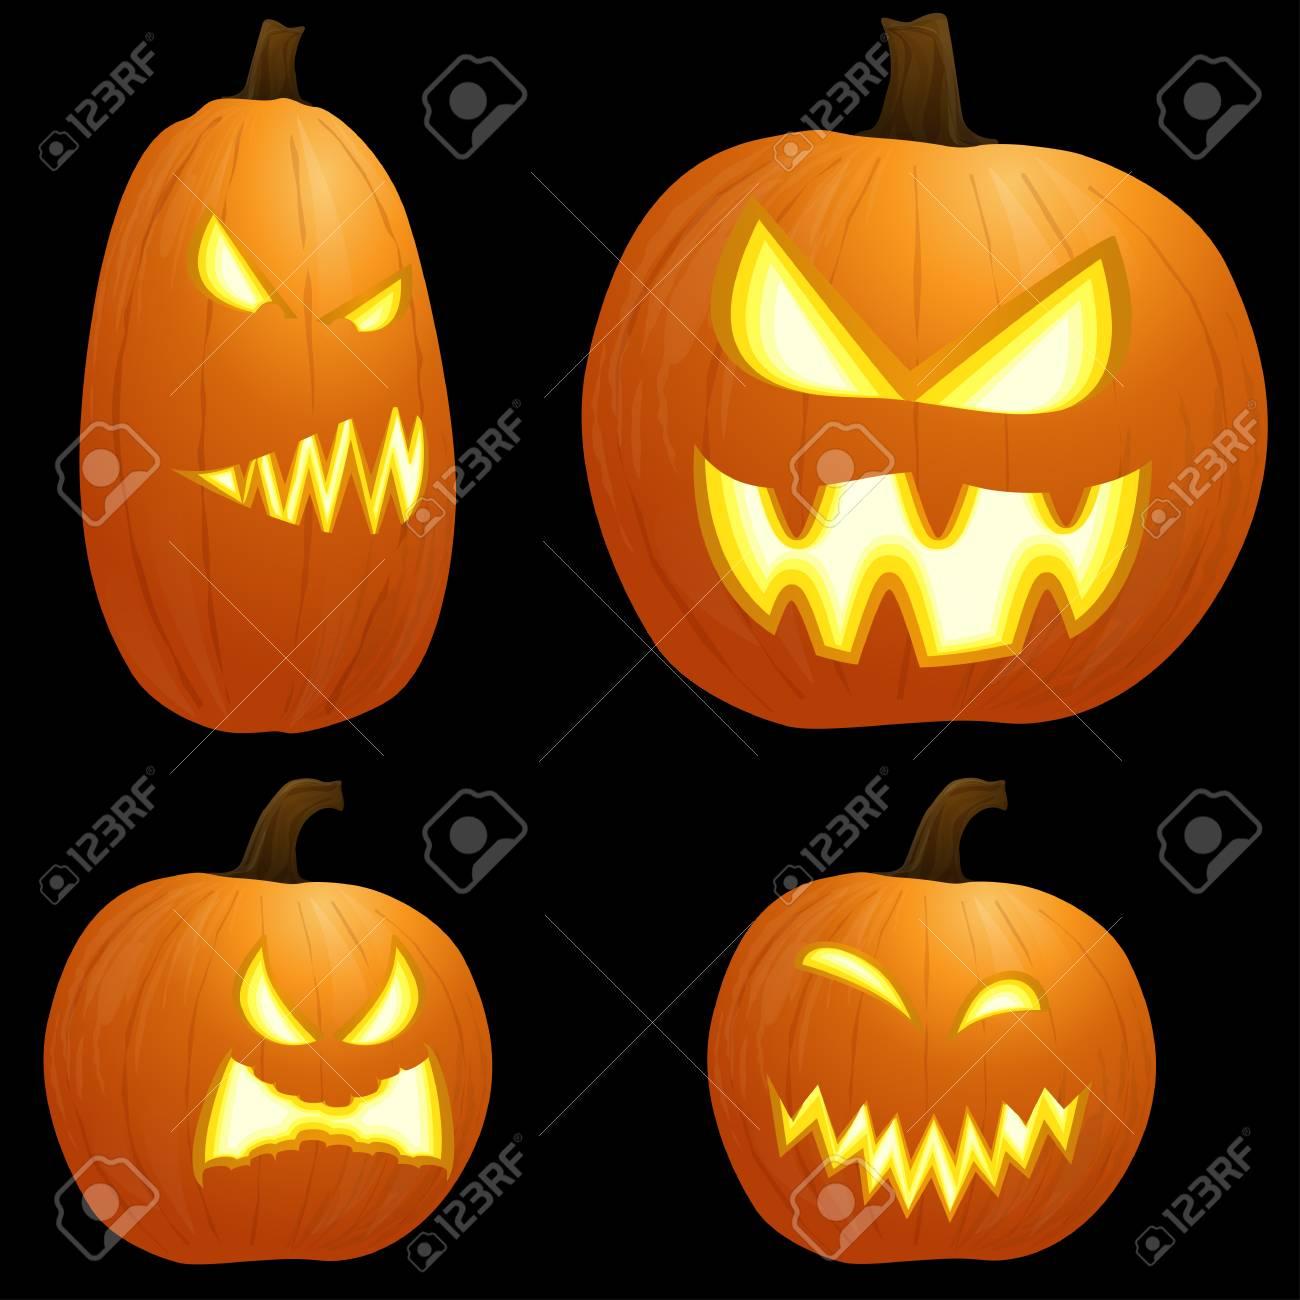 Colección De Diferentes Calabazas Ilustradas De Color Naranja Para Diseños De Halloween Ilustraciones Vectoriales Clip Art Vectorizado Libre De Derechos Image 88104380